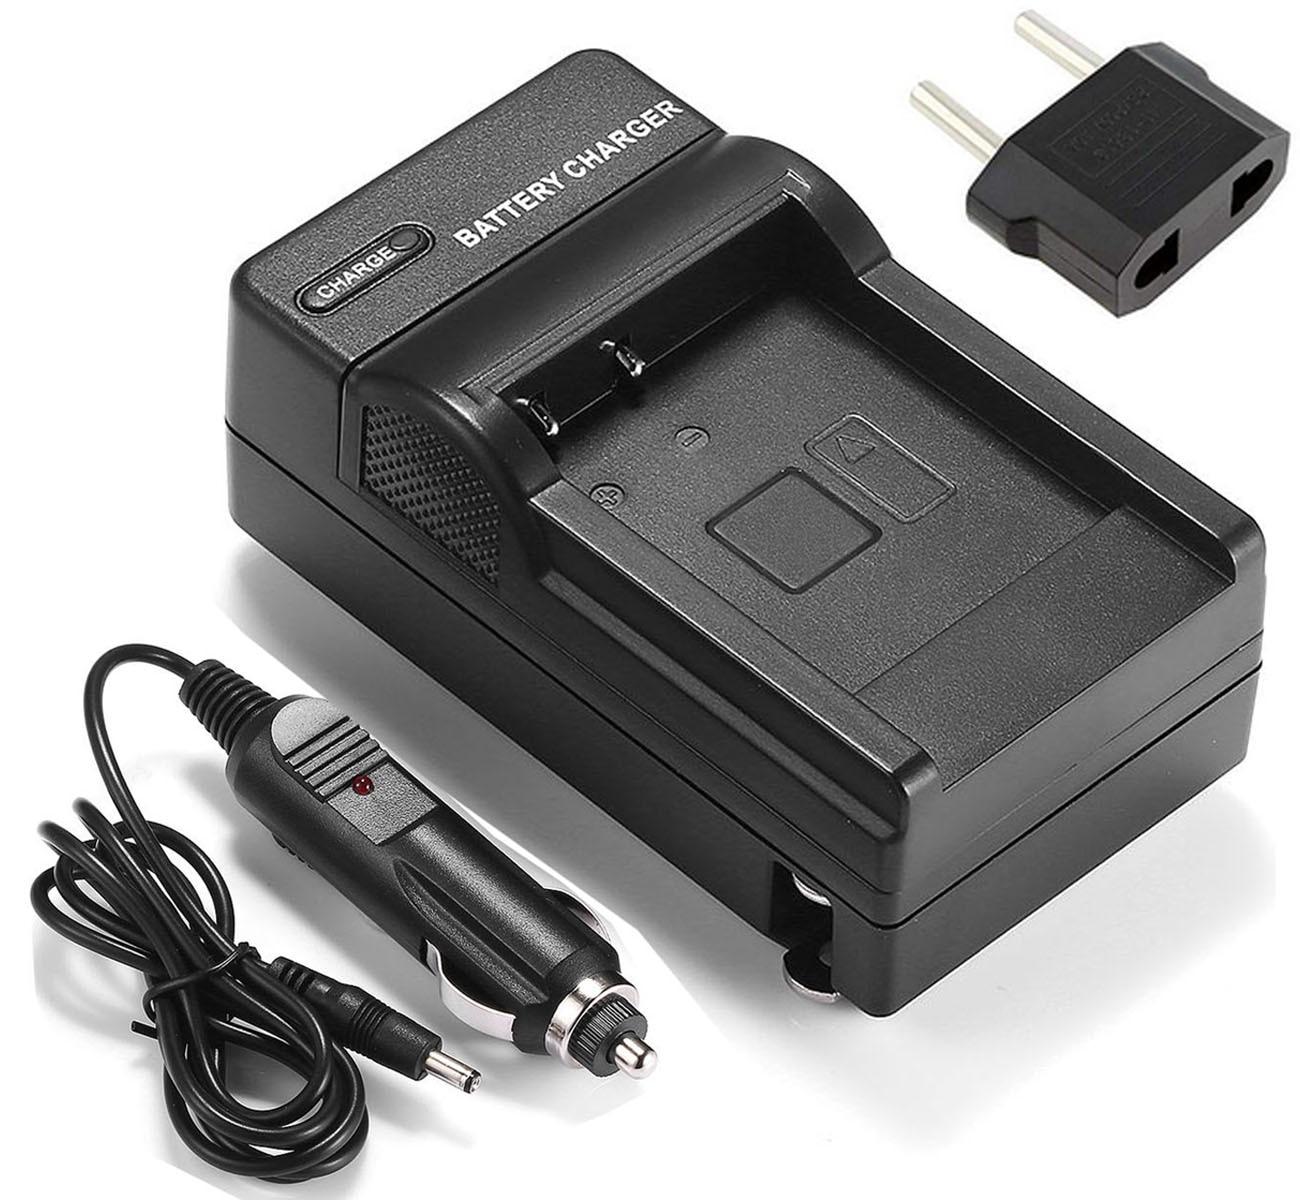 Cargador de Batería para Panasonic Lumix DMC-ZS8 DMC-ZS9 DMC-ZS10 DMC-ZS15 DMC-ZS19